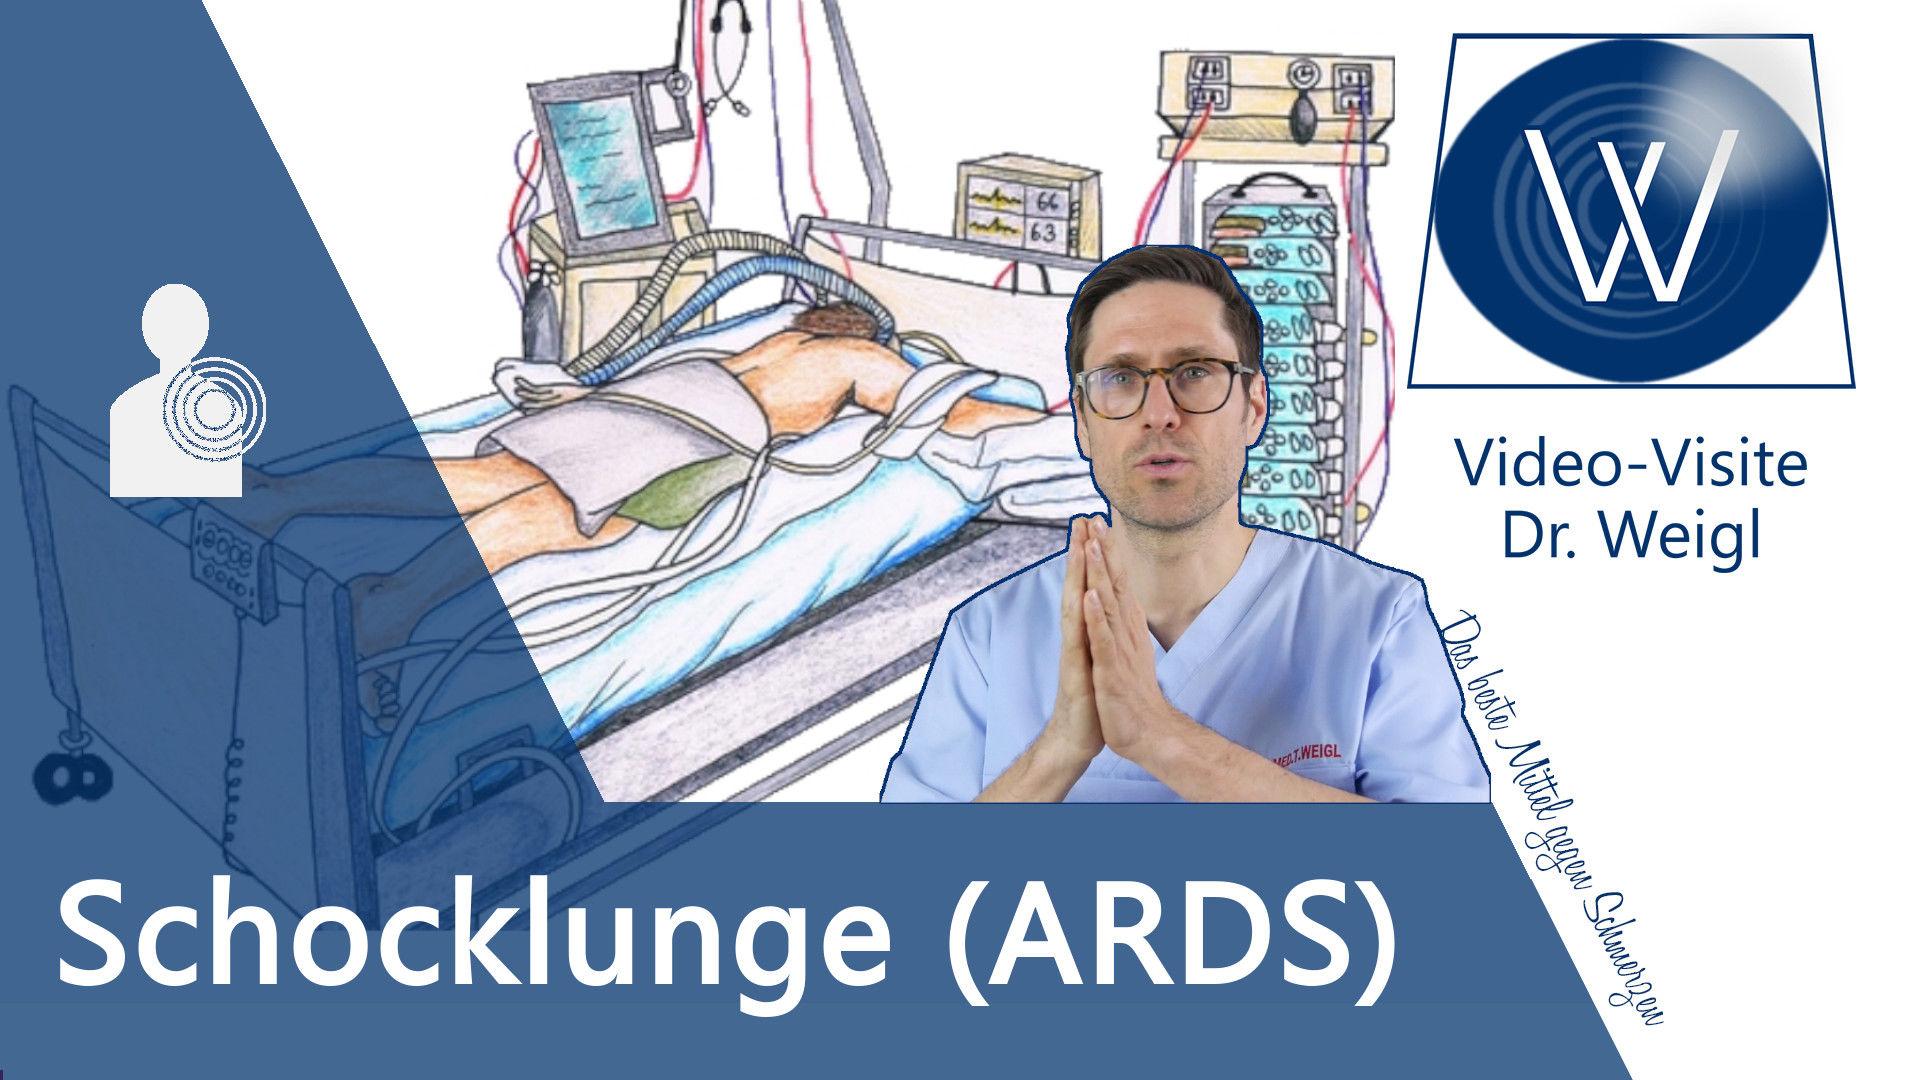 ARDS – Die Schocklunge als gefährliche Komplikation von Atemwegsinfektionen